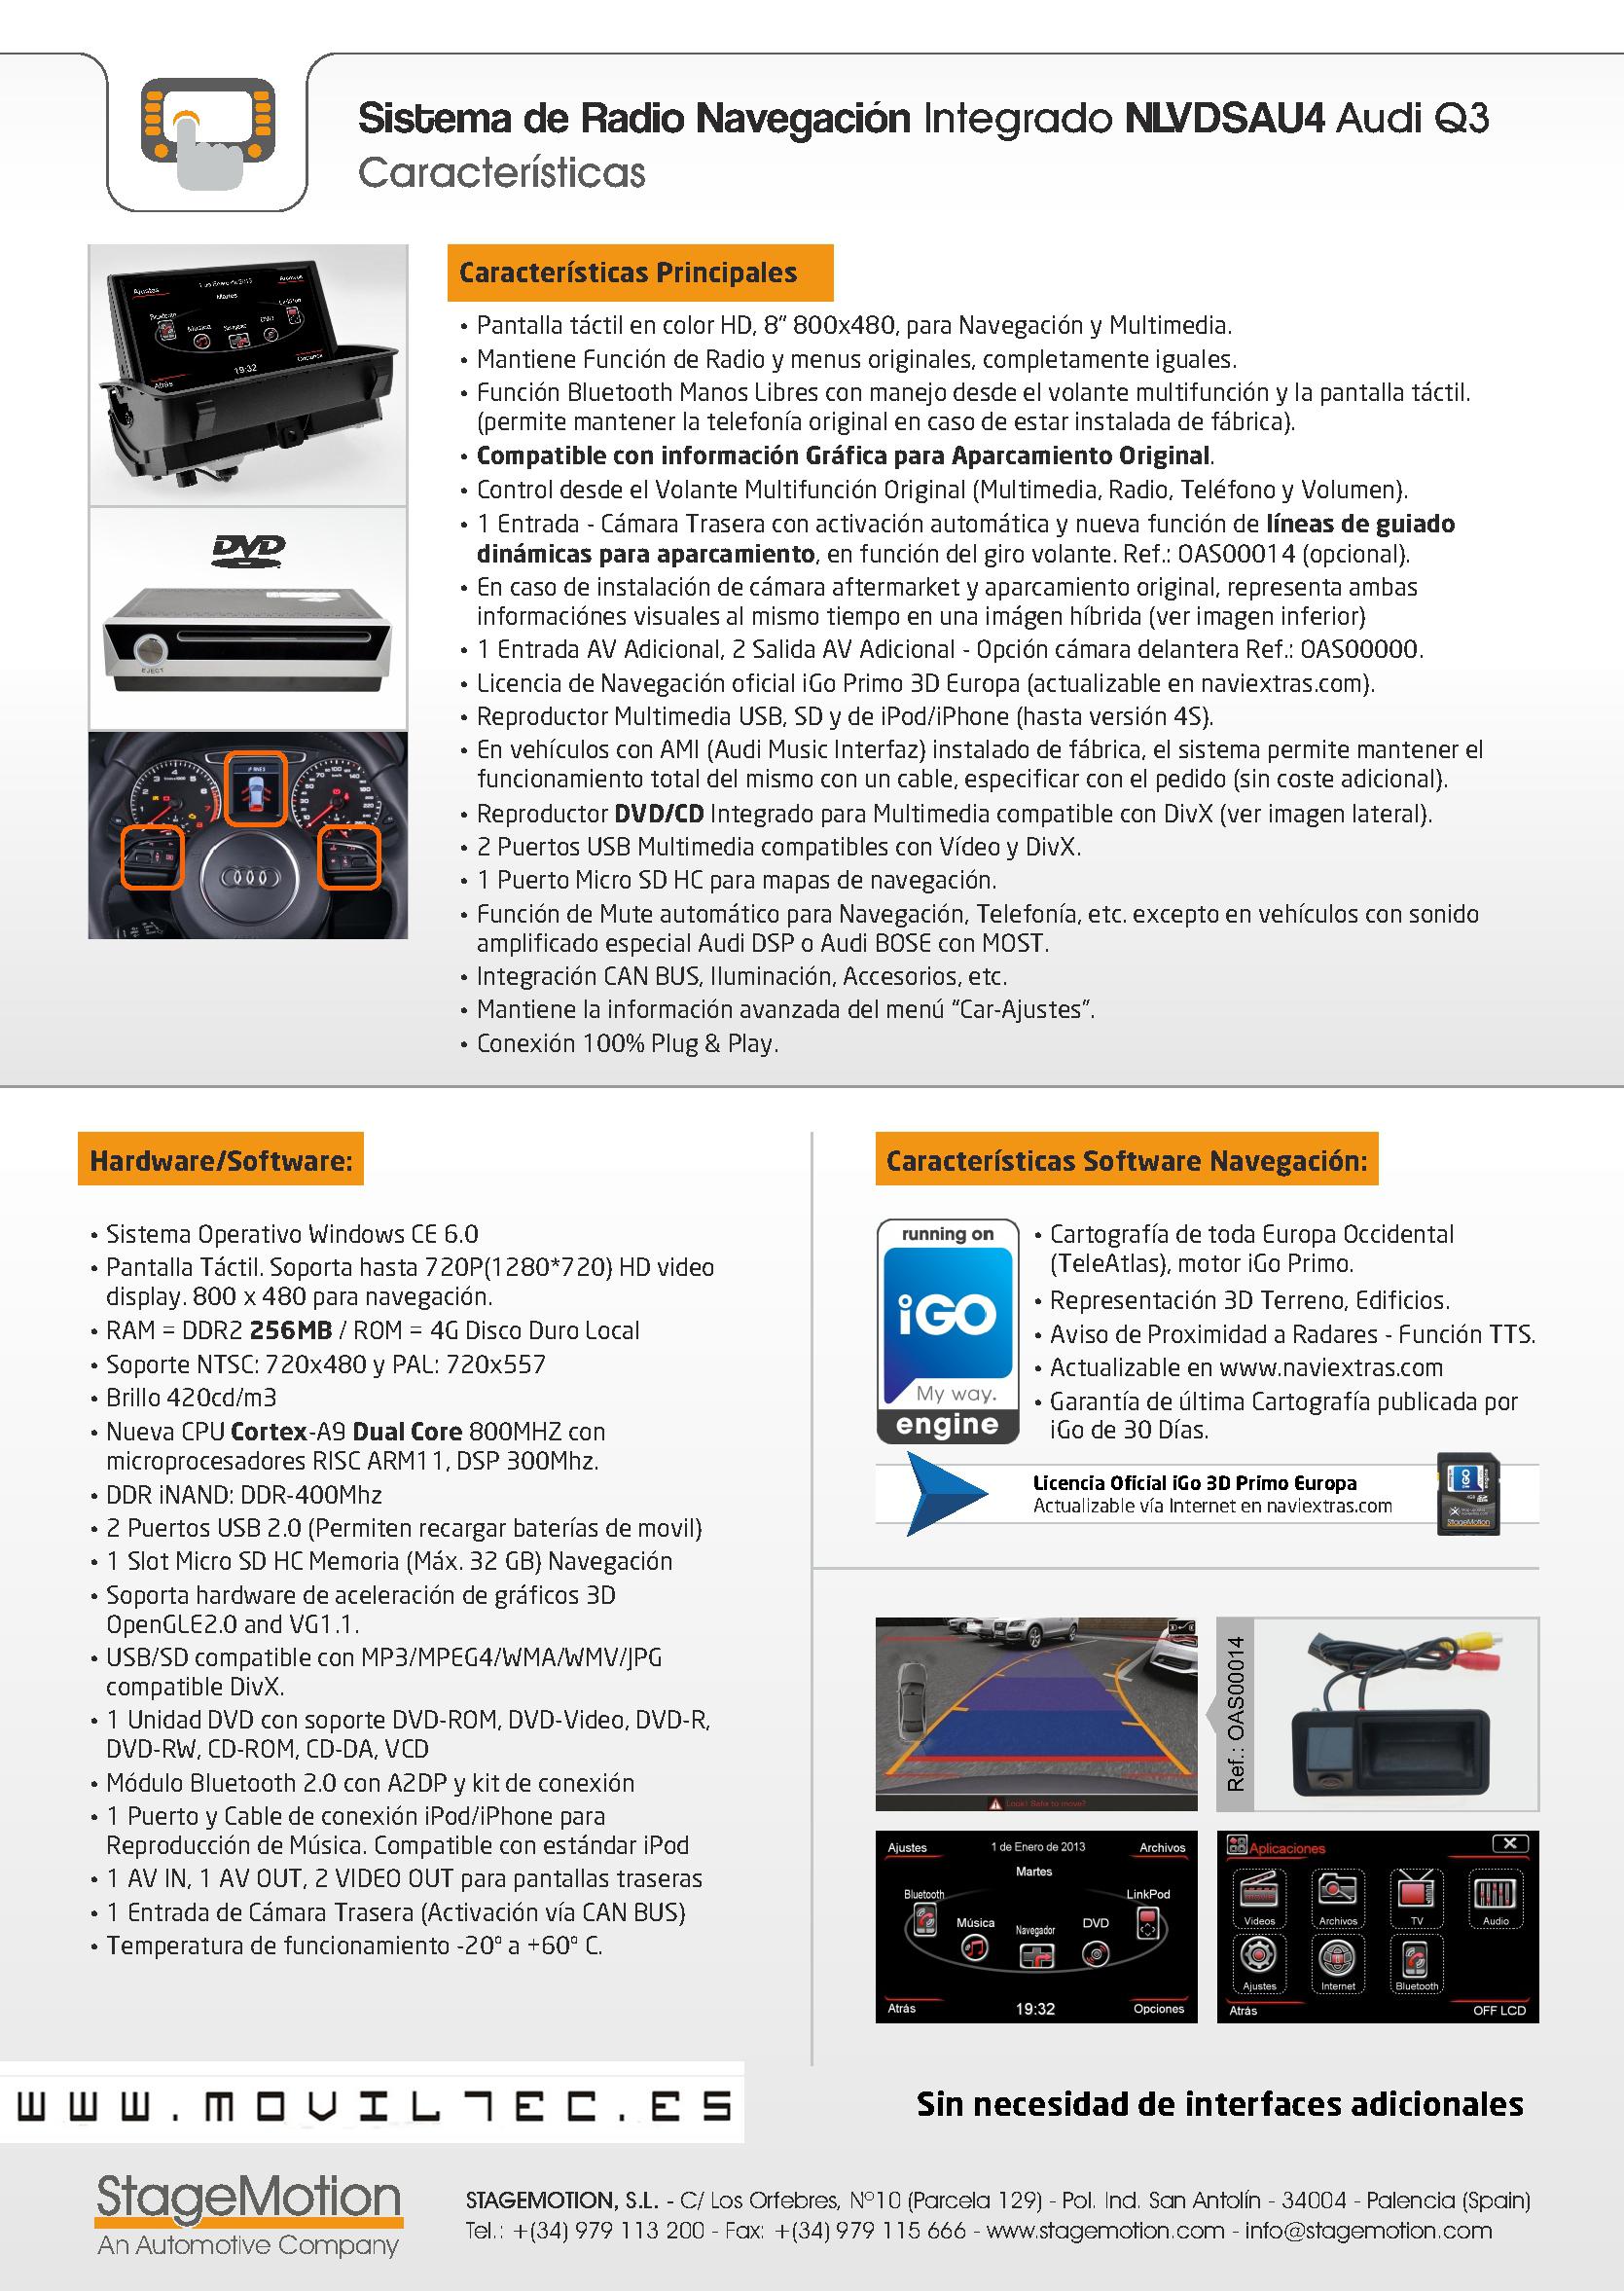 Moviltec-Navegador-para-Audi-Q3-2-Sevillla